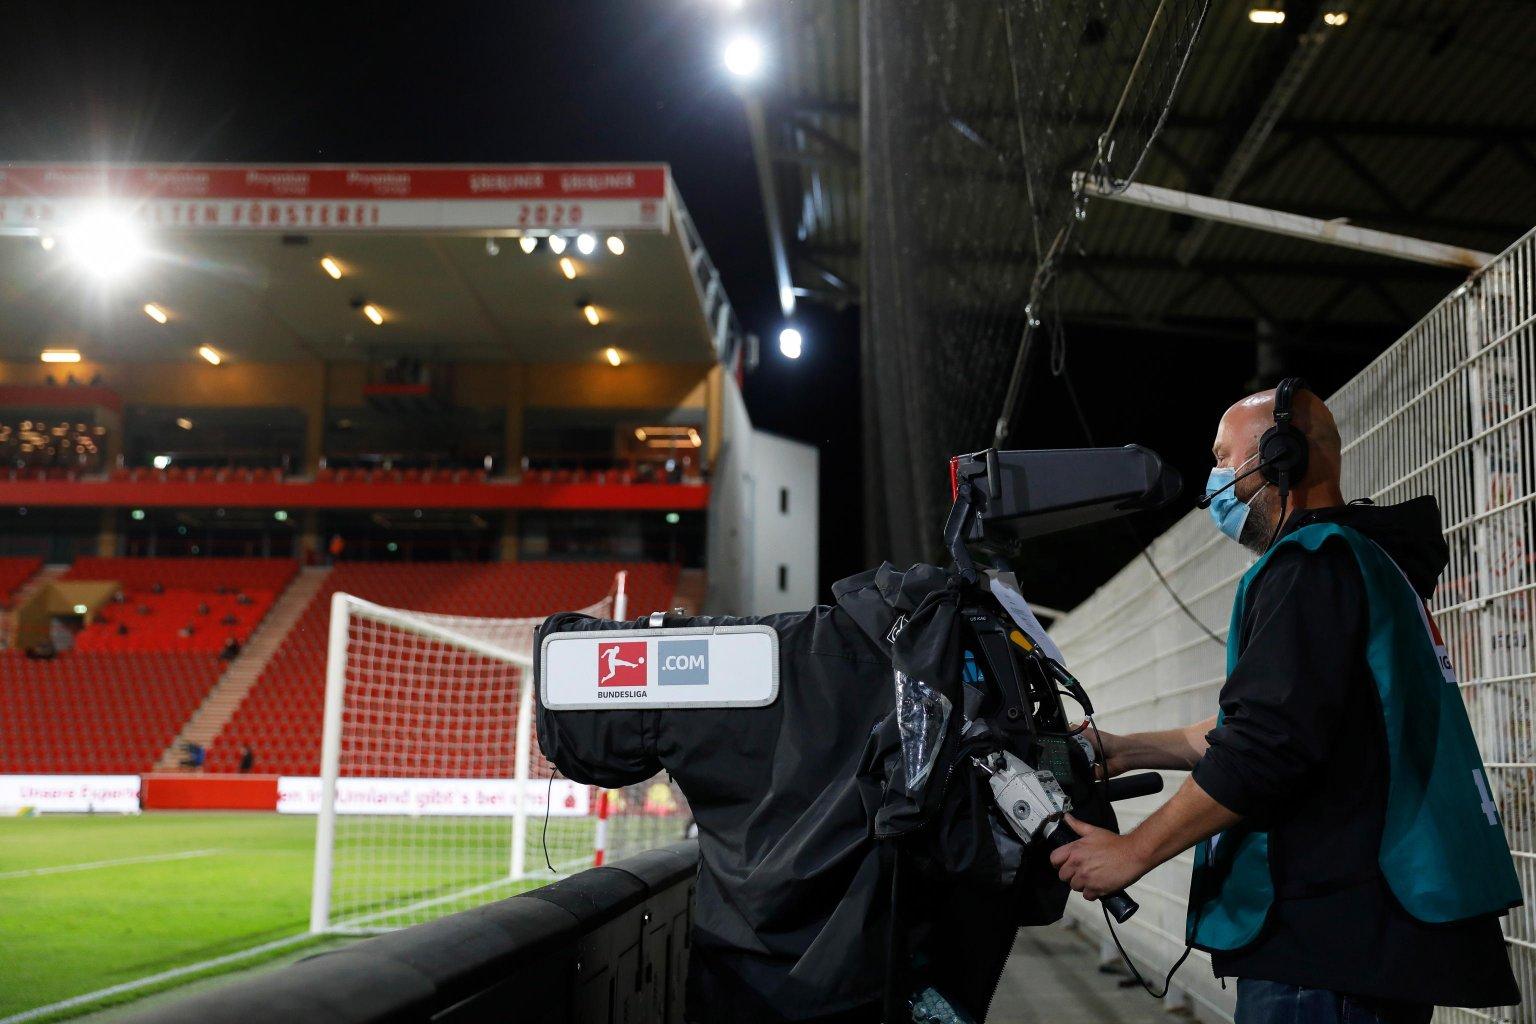 Calcio Estero Sky Sport, Diretta Gol Bundesliga | Palinsesto e Telecronisti 29a Giornata